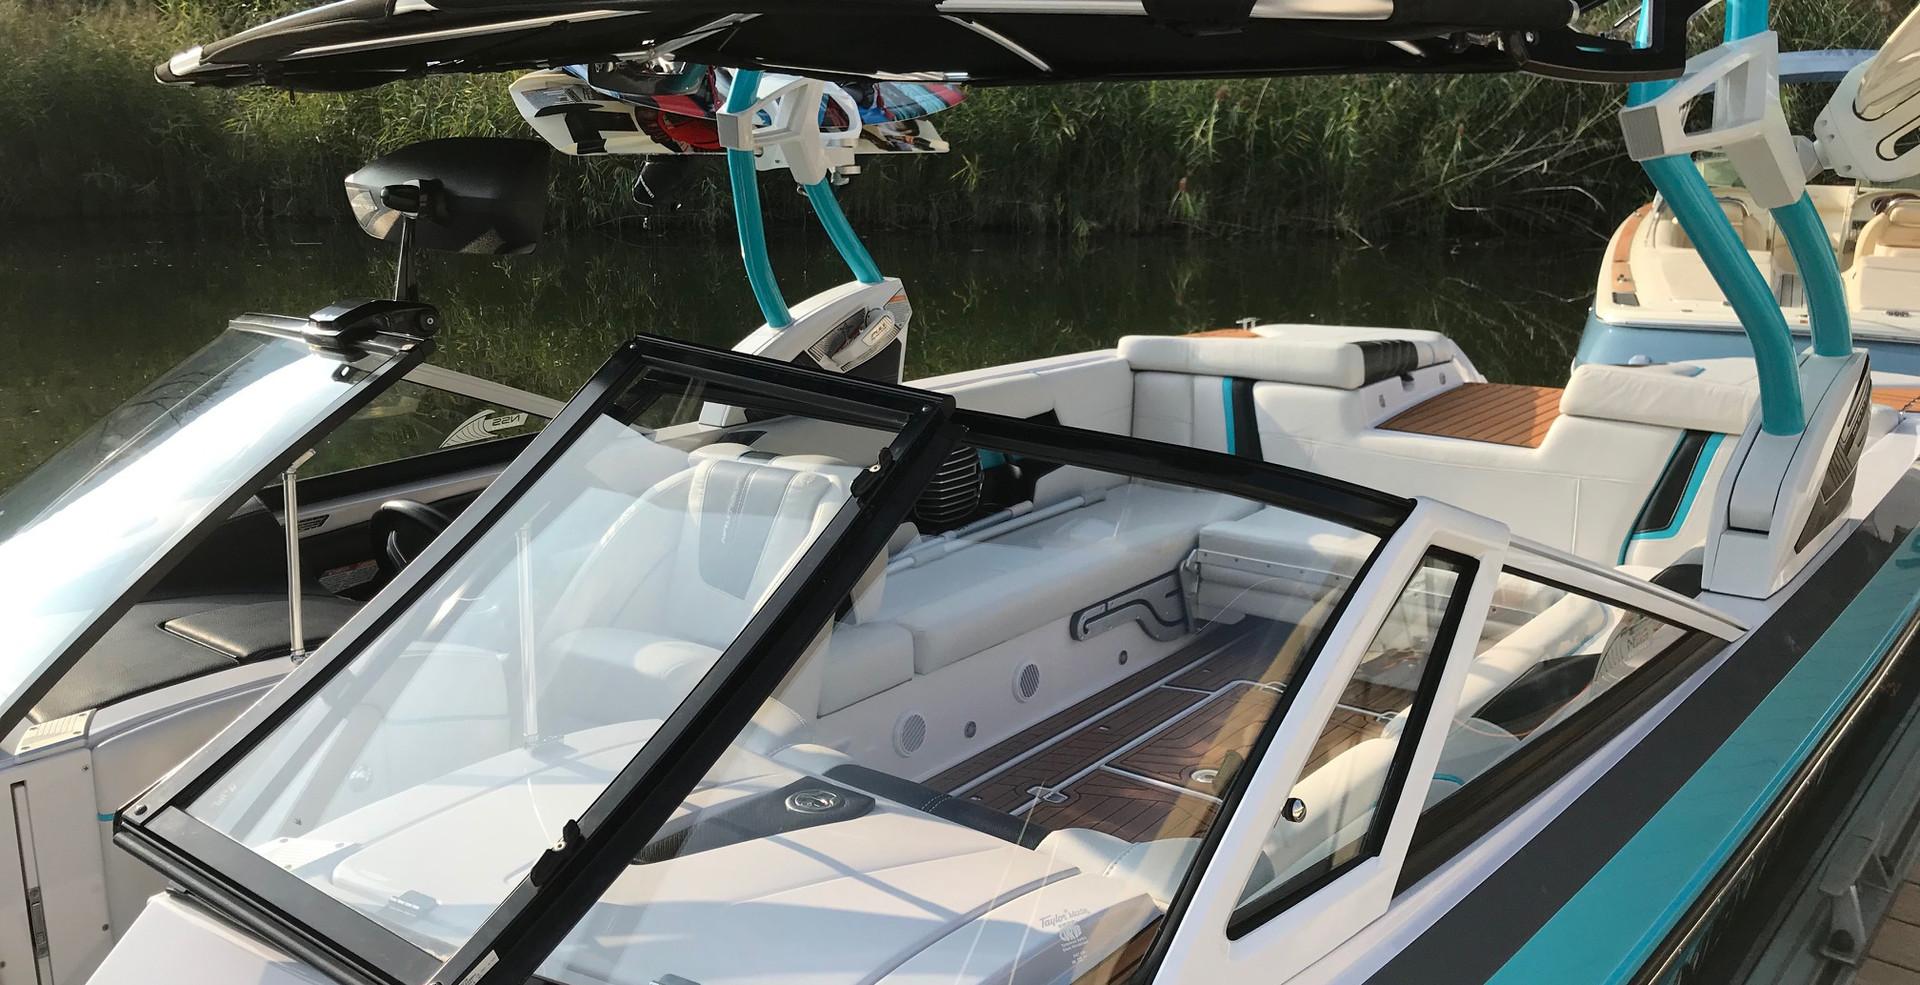 super-air-nautique-g25-bootsverleih-lago